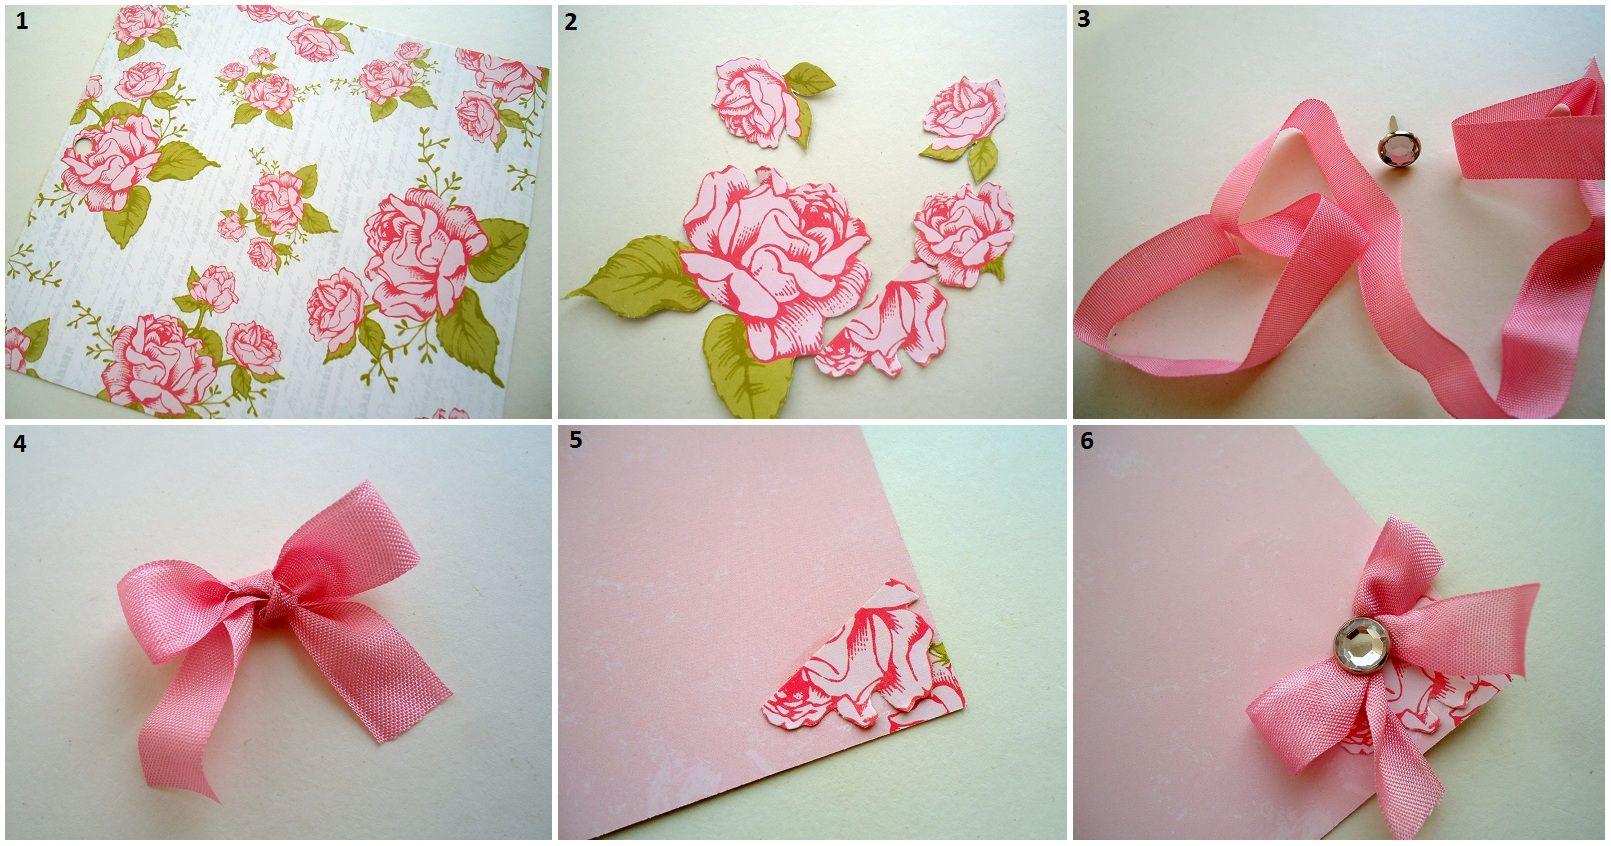 цветочек из бумаги своими руками для открытки какие